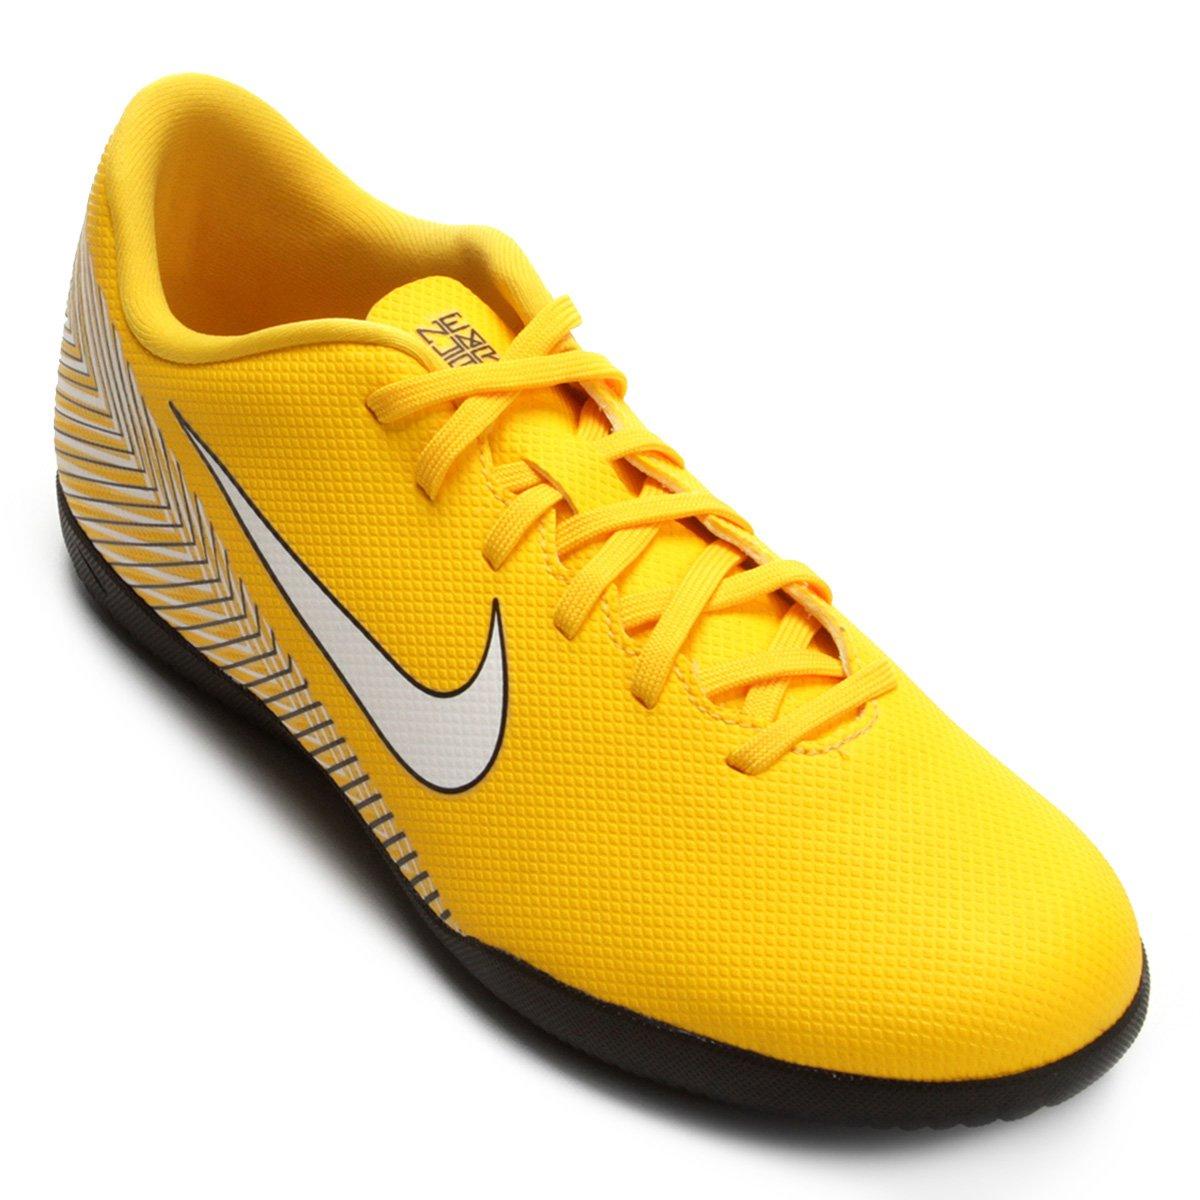 fc2582707a12c Chuteira Futsal Nike Mercurial Vapor 12 Club Neymar IC - Amarelo e Preto |  Shop Timão